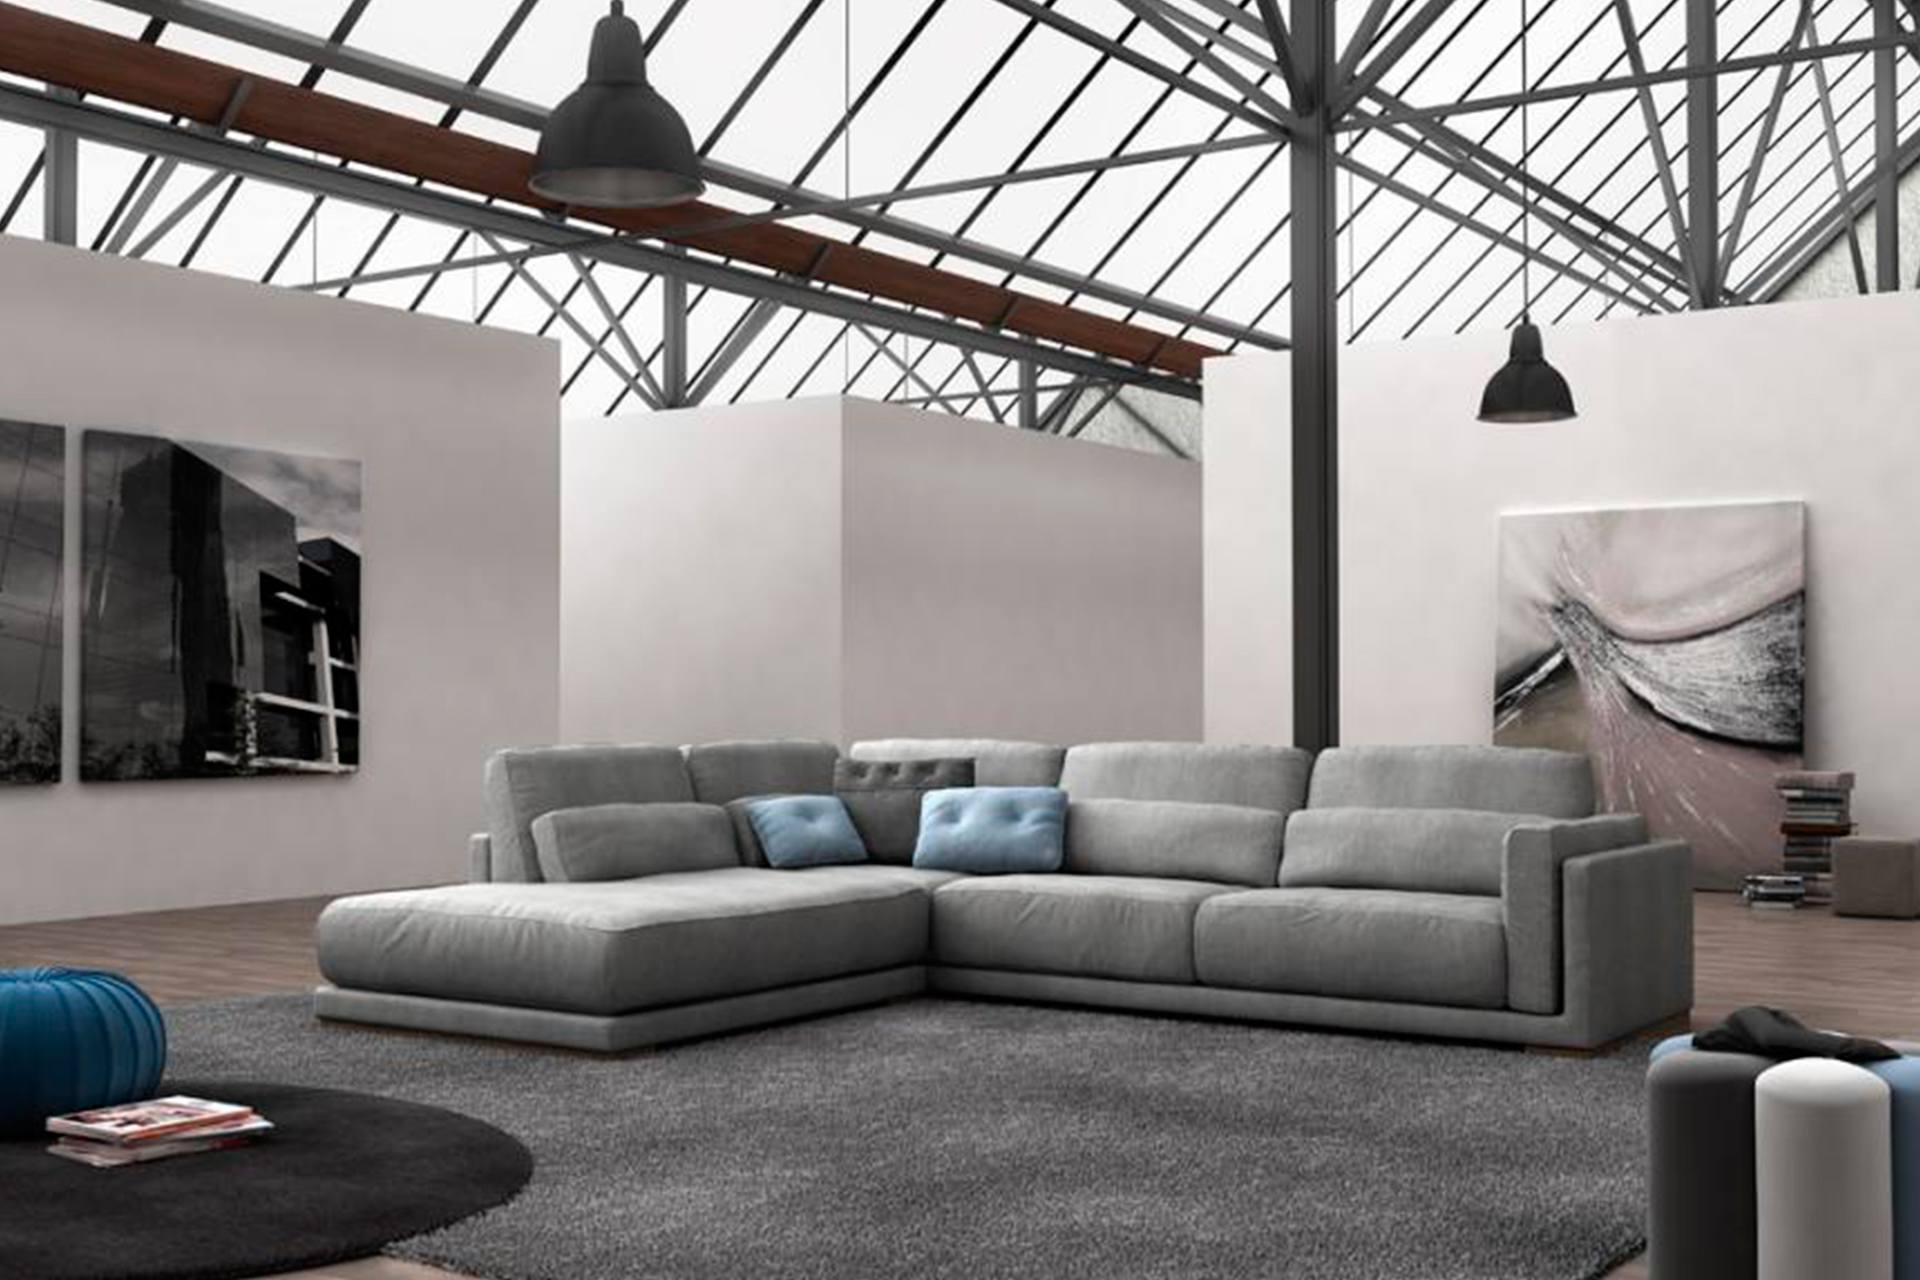 Sofas En Zaragoza Nkde Tienda De Muebles En Zaragoza Rústica Ambientes